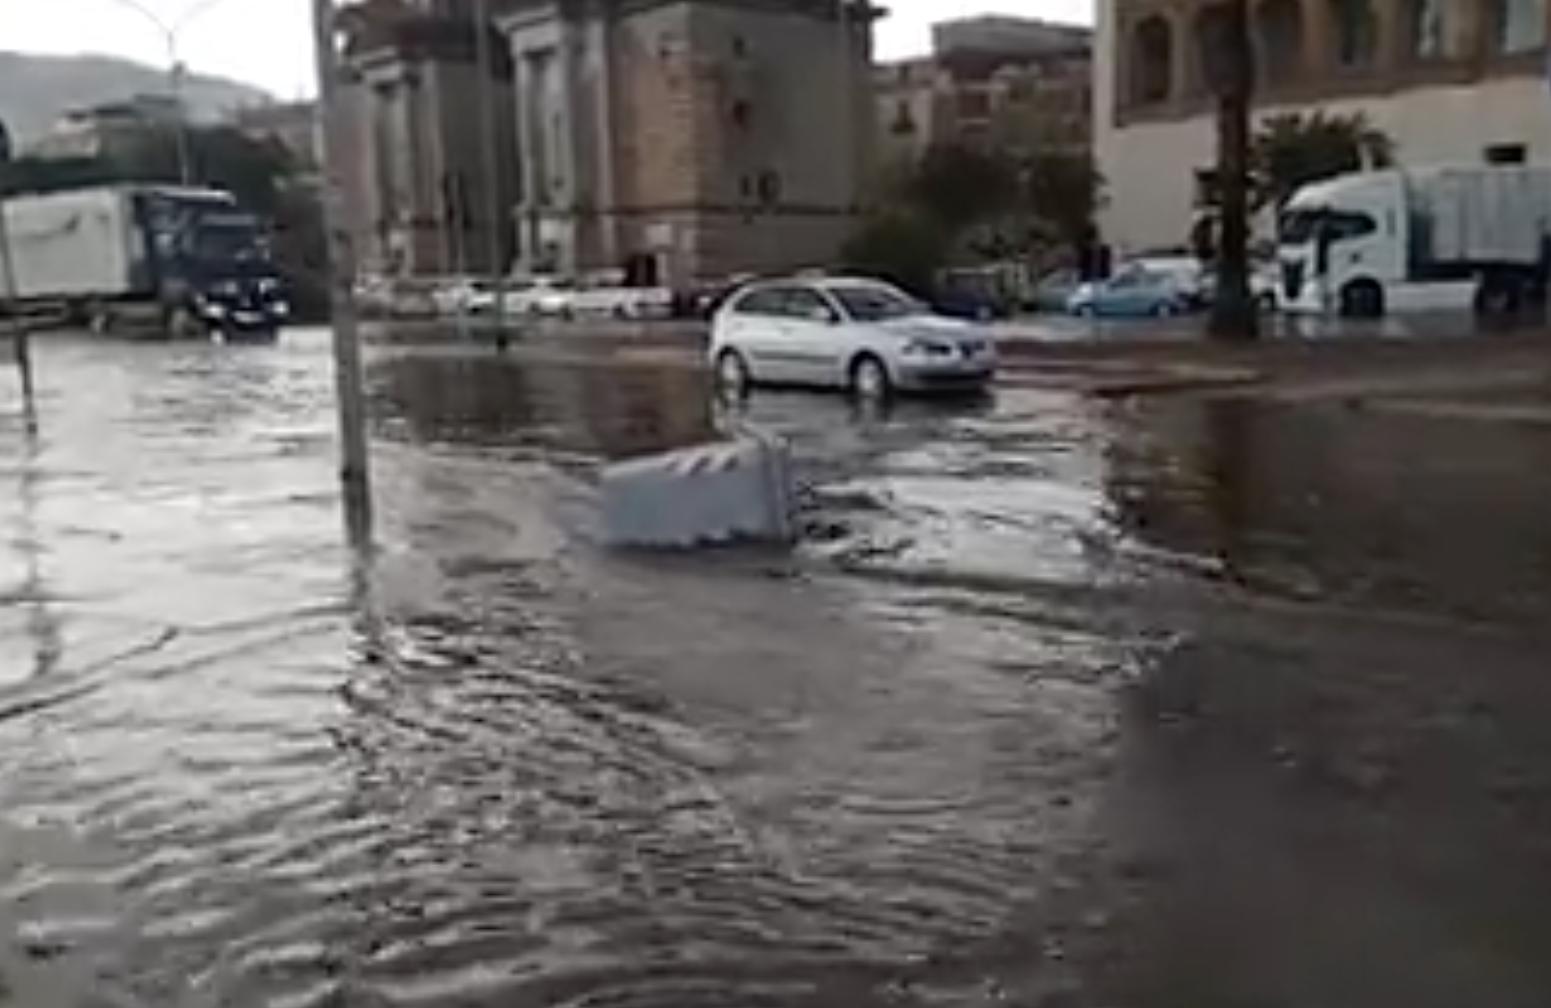 """Maltempo a Palermo, tombini scoperchiati e fanghiglia ovunque. """"Evitate sottoponti viale Regione Siciliana"""""""